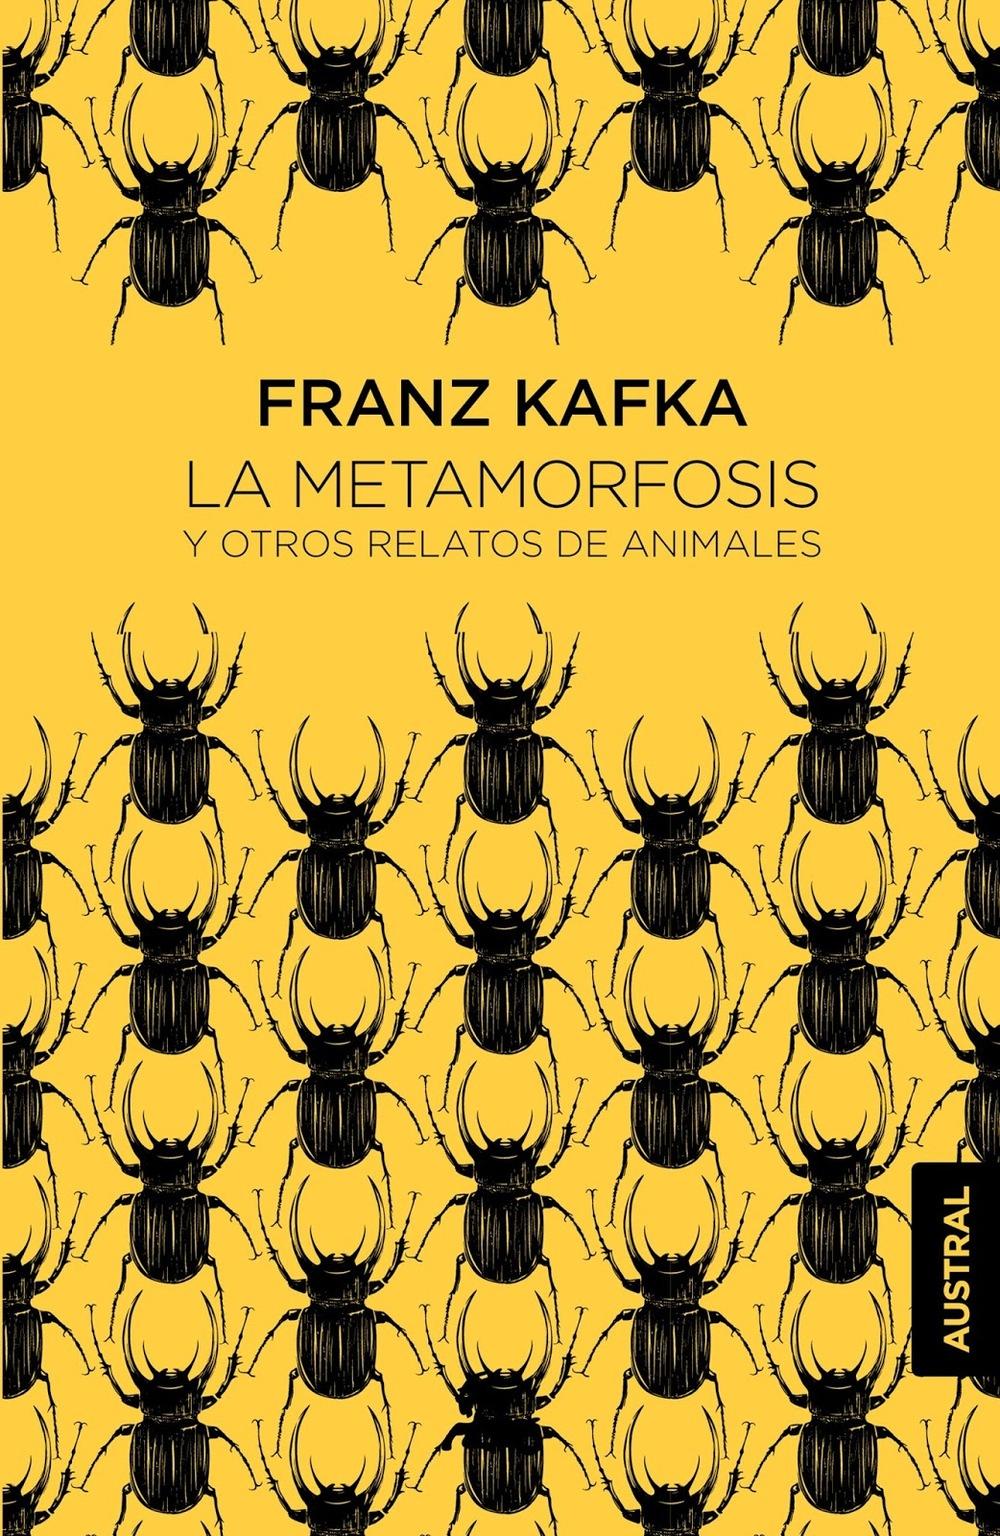 portada_la-metamorfosis-y-otros-relatos-de-animales_franz-kafka_201412151348.jpg